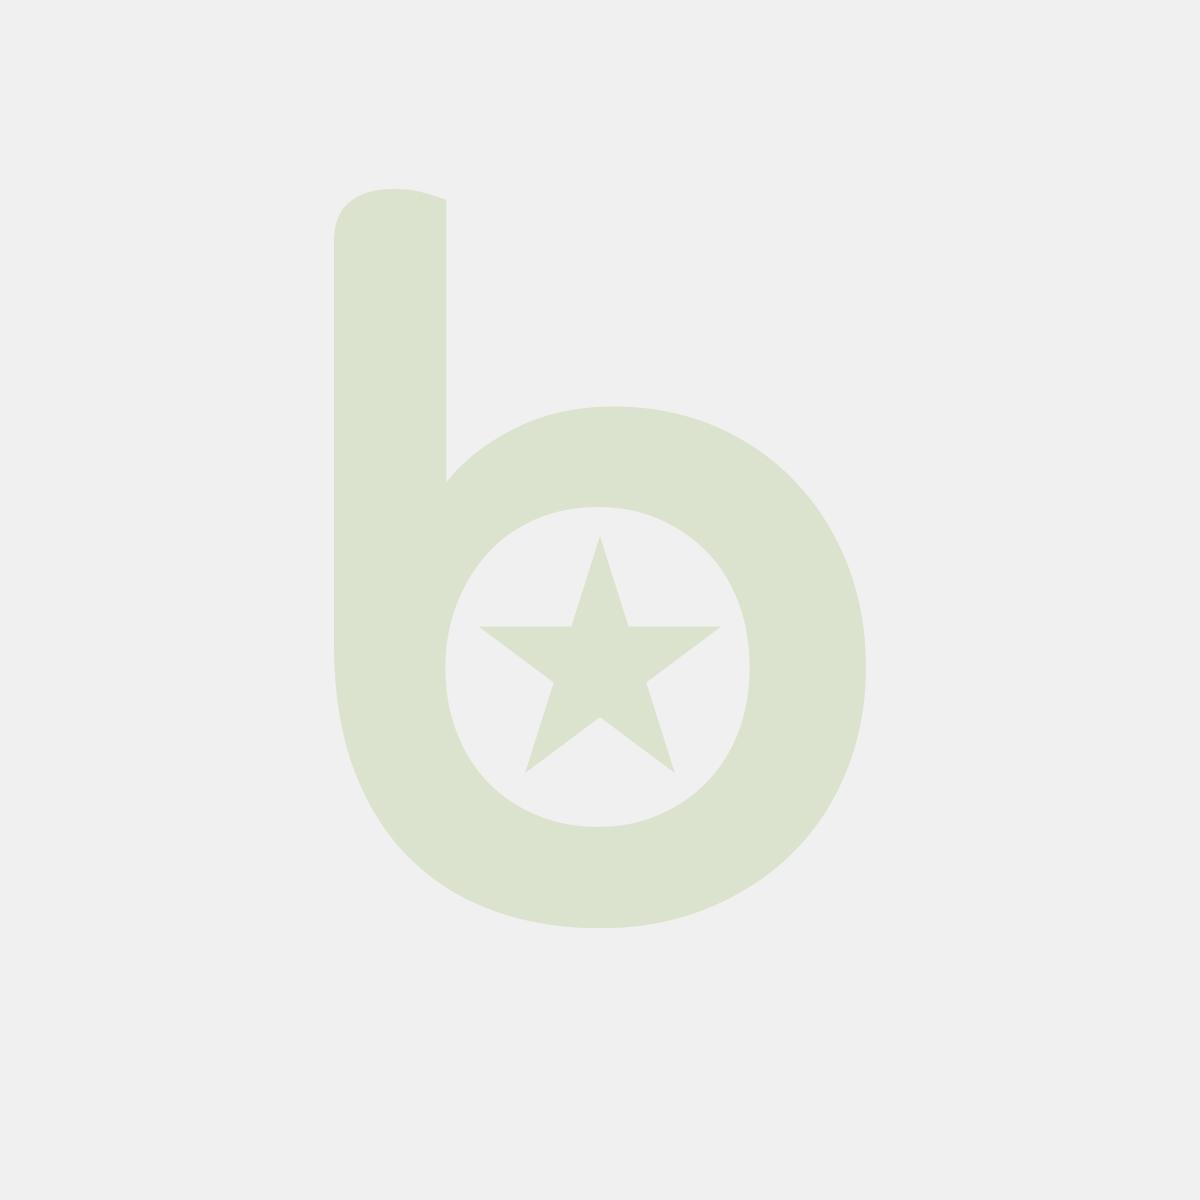 FINGERFOOD - łyżka PS transparentna 12x4cm op. 30 sztuk